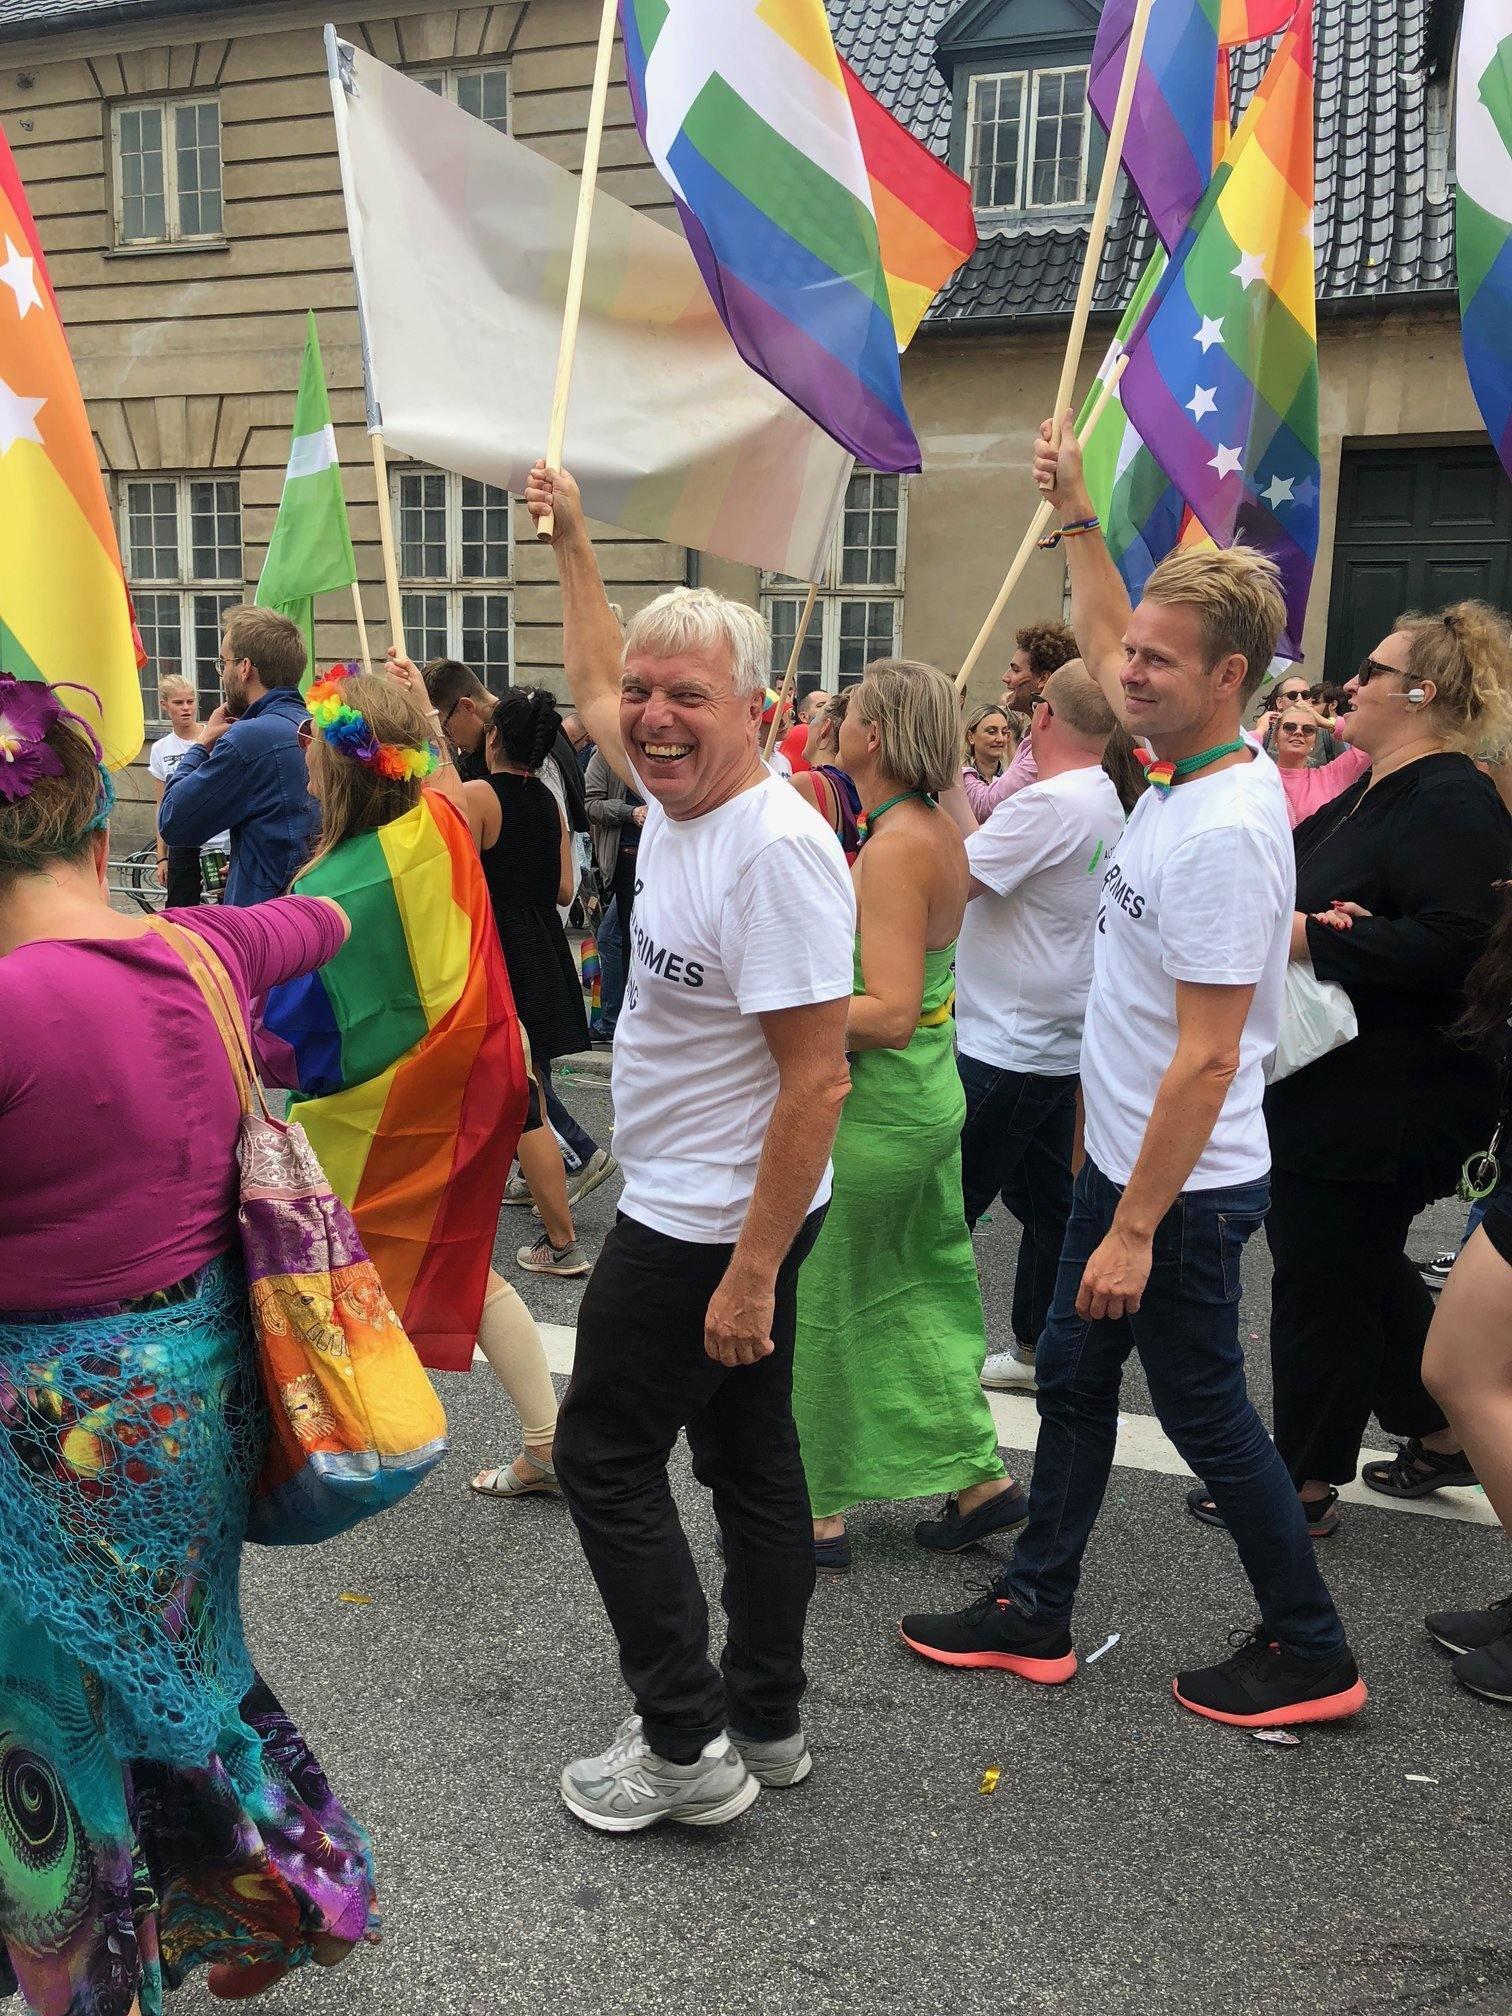 Uffe elbæk, copenhagen pride, pride, lgbtq, politik, politiker, alternativet